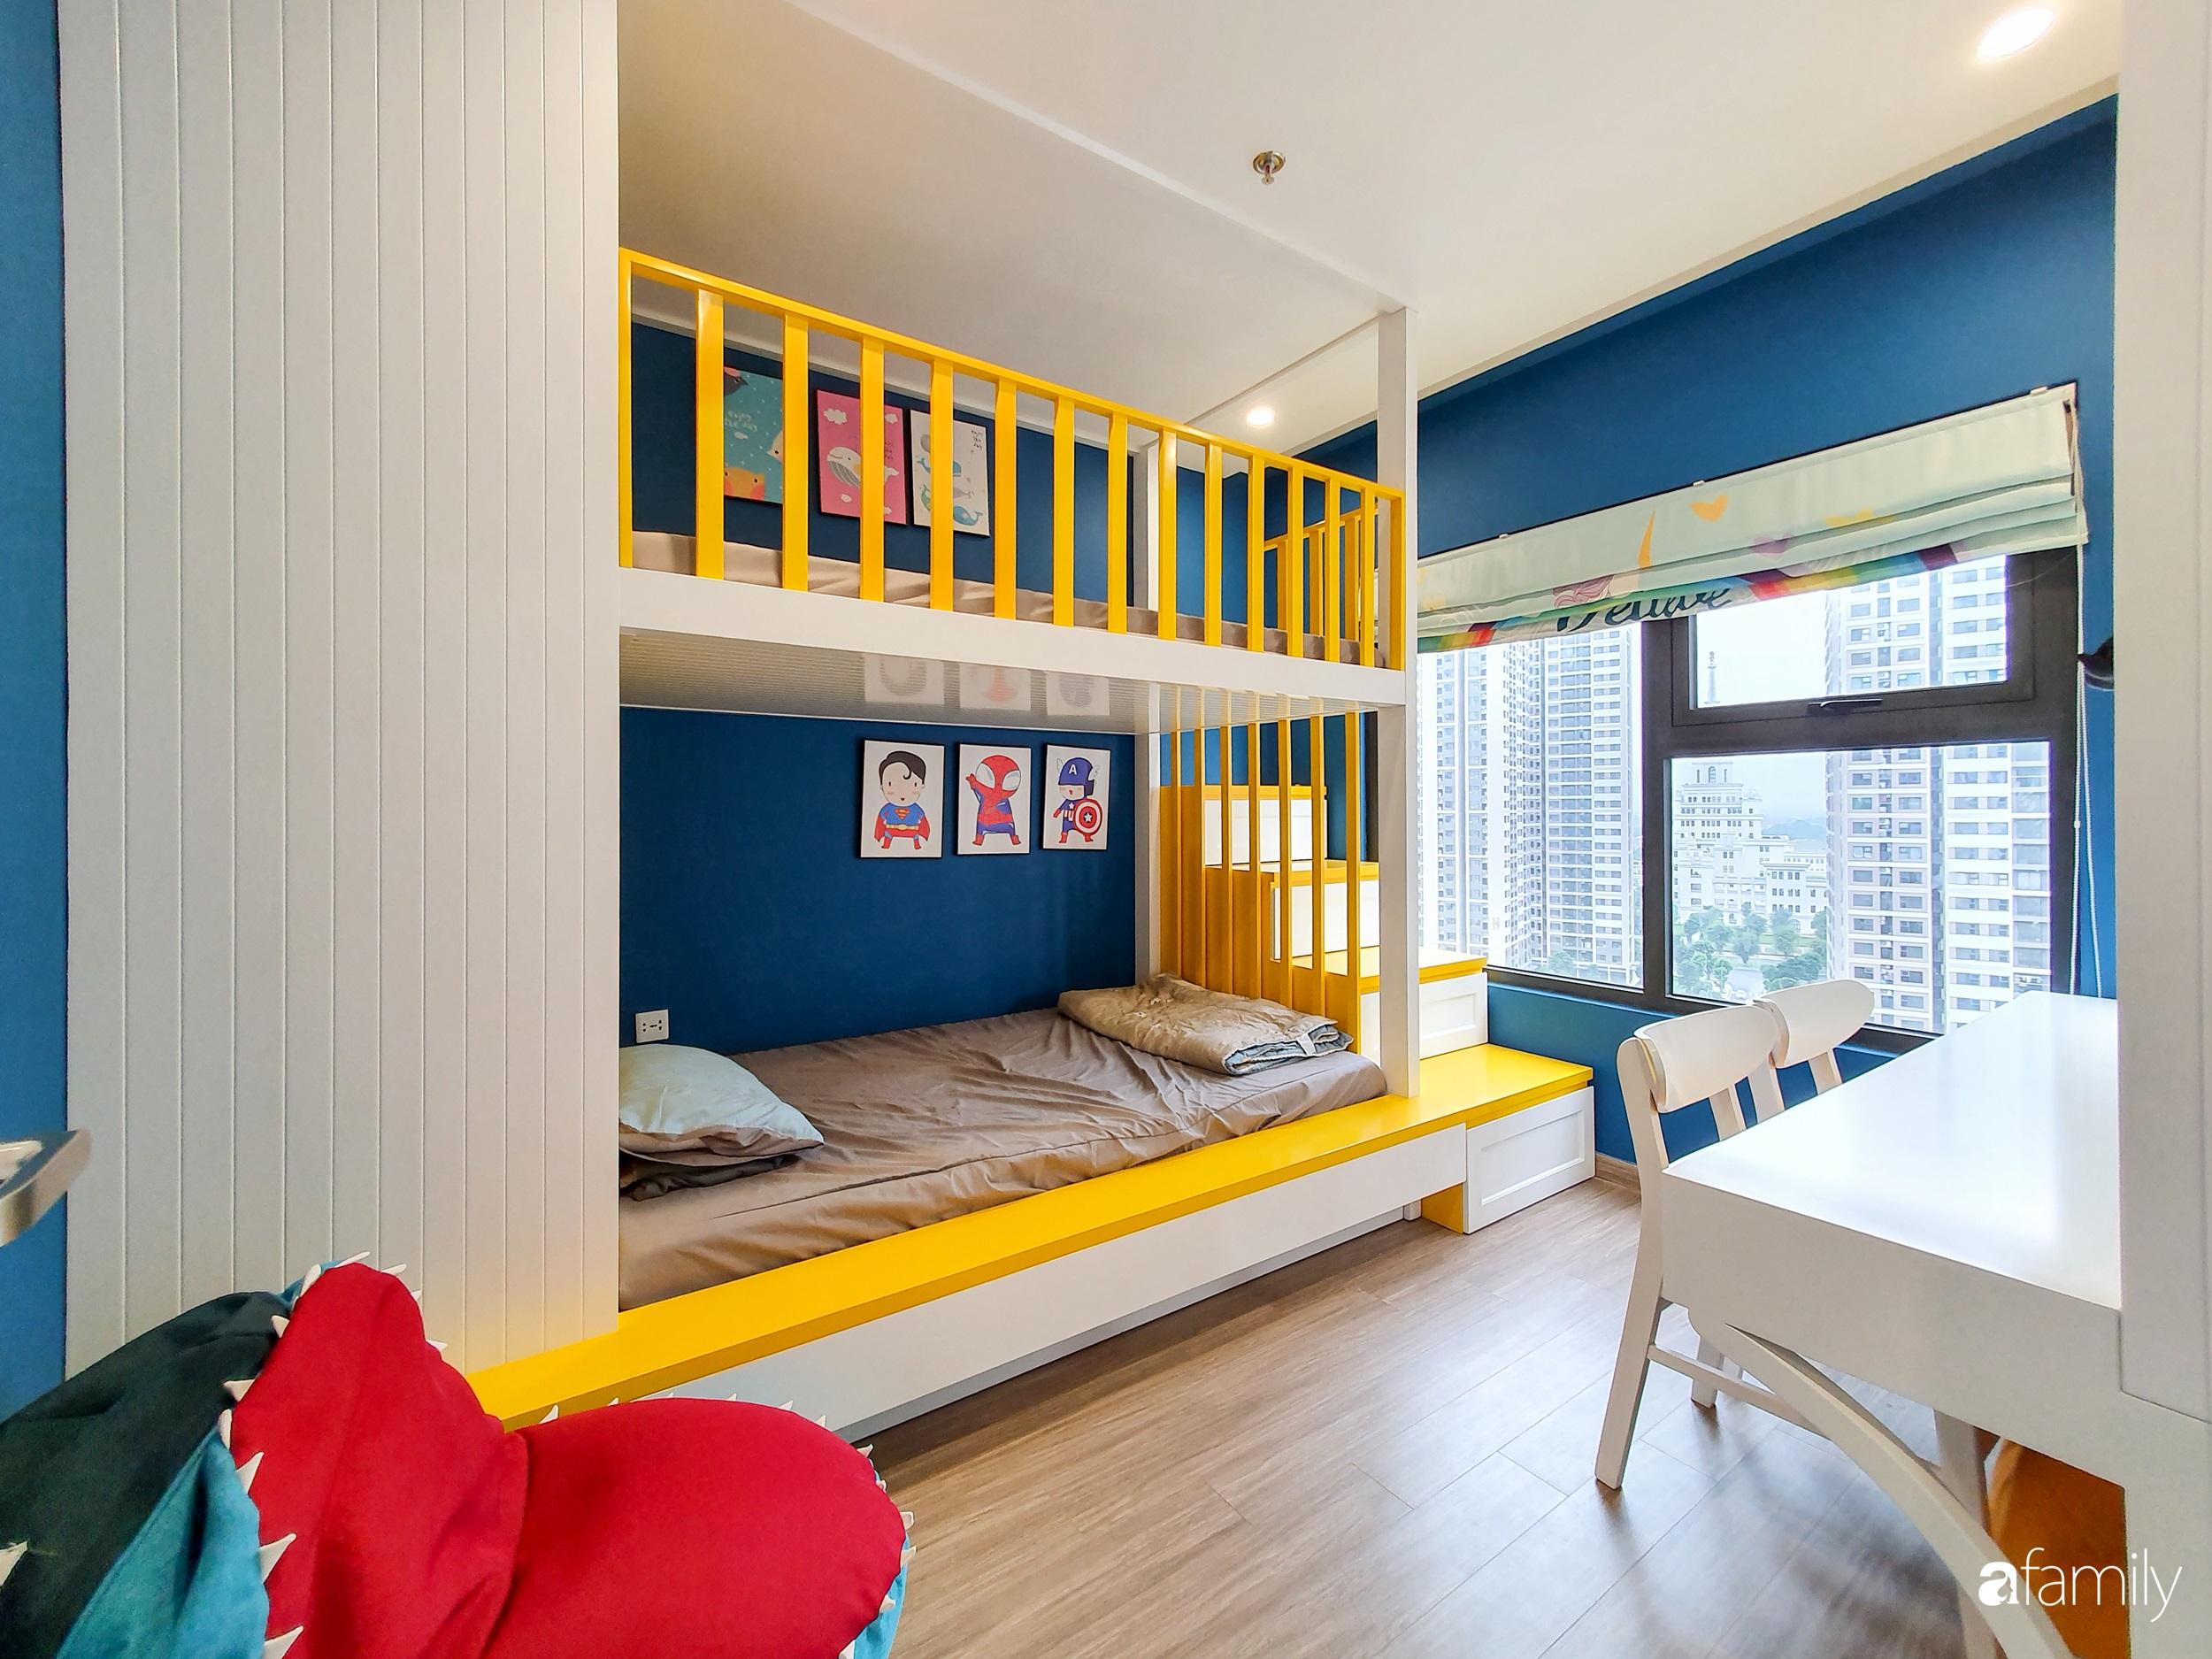 Căn hộ 75m² cá tính với cách phối màu vàng - xanh tinh tế có chi phí hoàn thiện 270 triệu đồng ở Hà Nội - Ảnh 14.